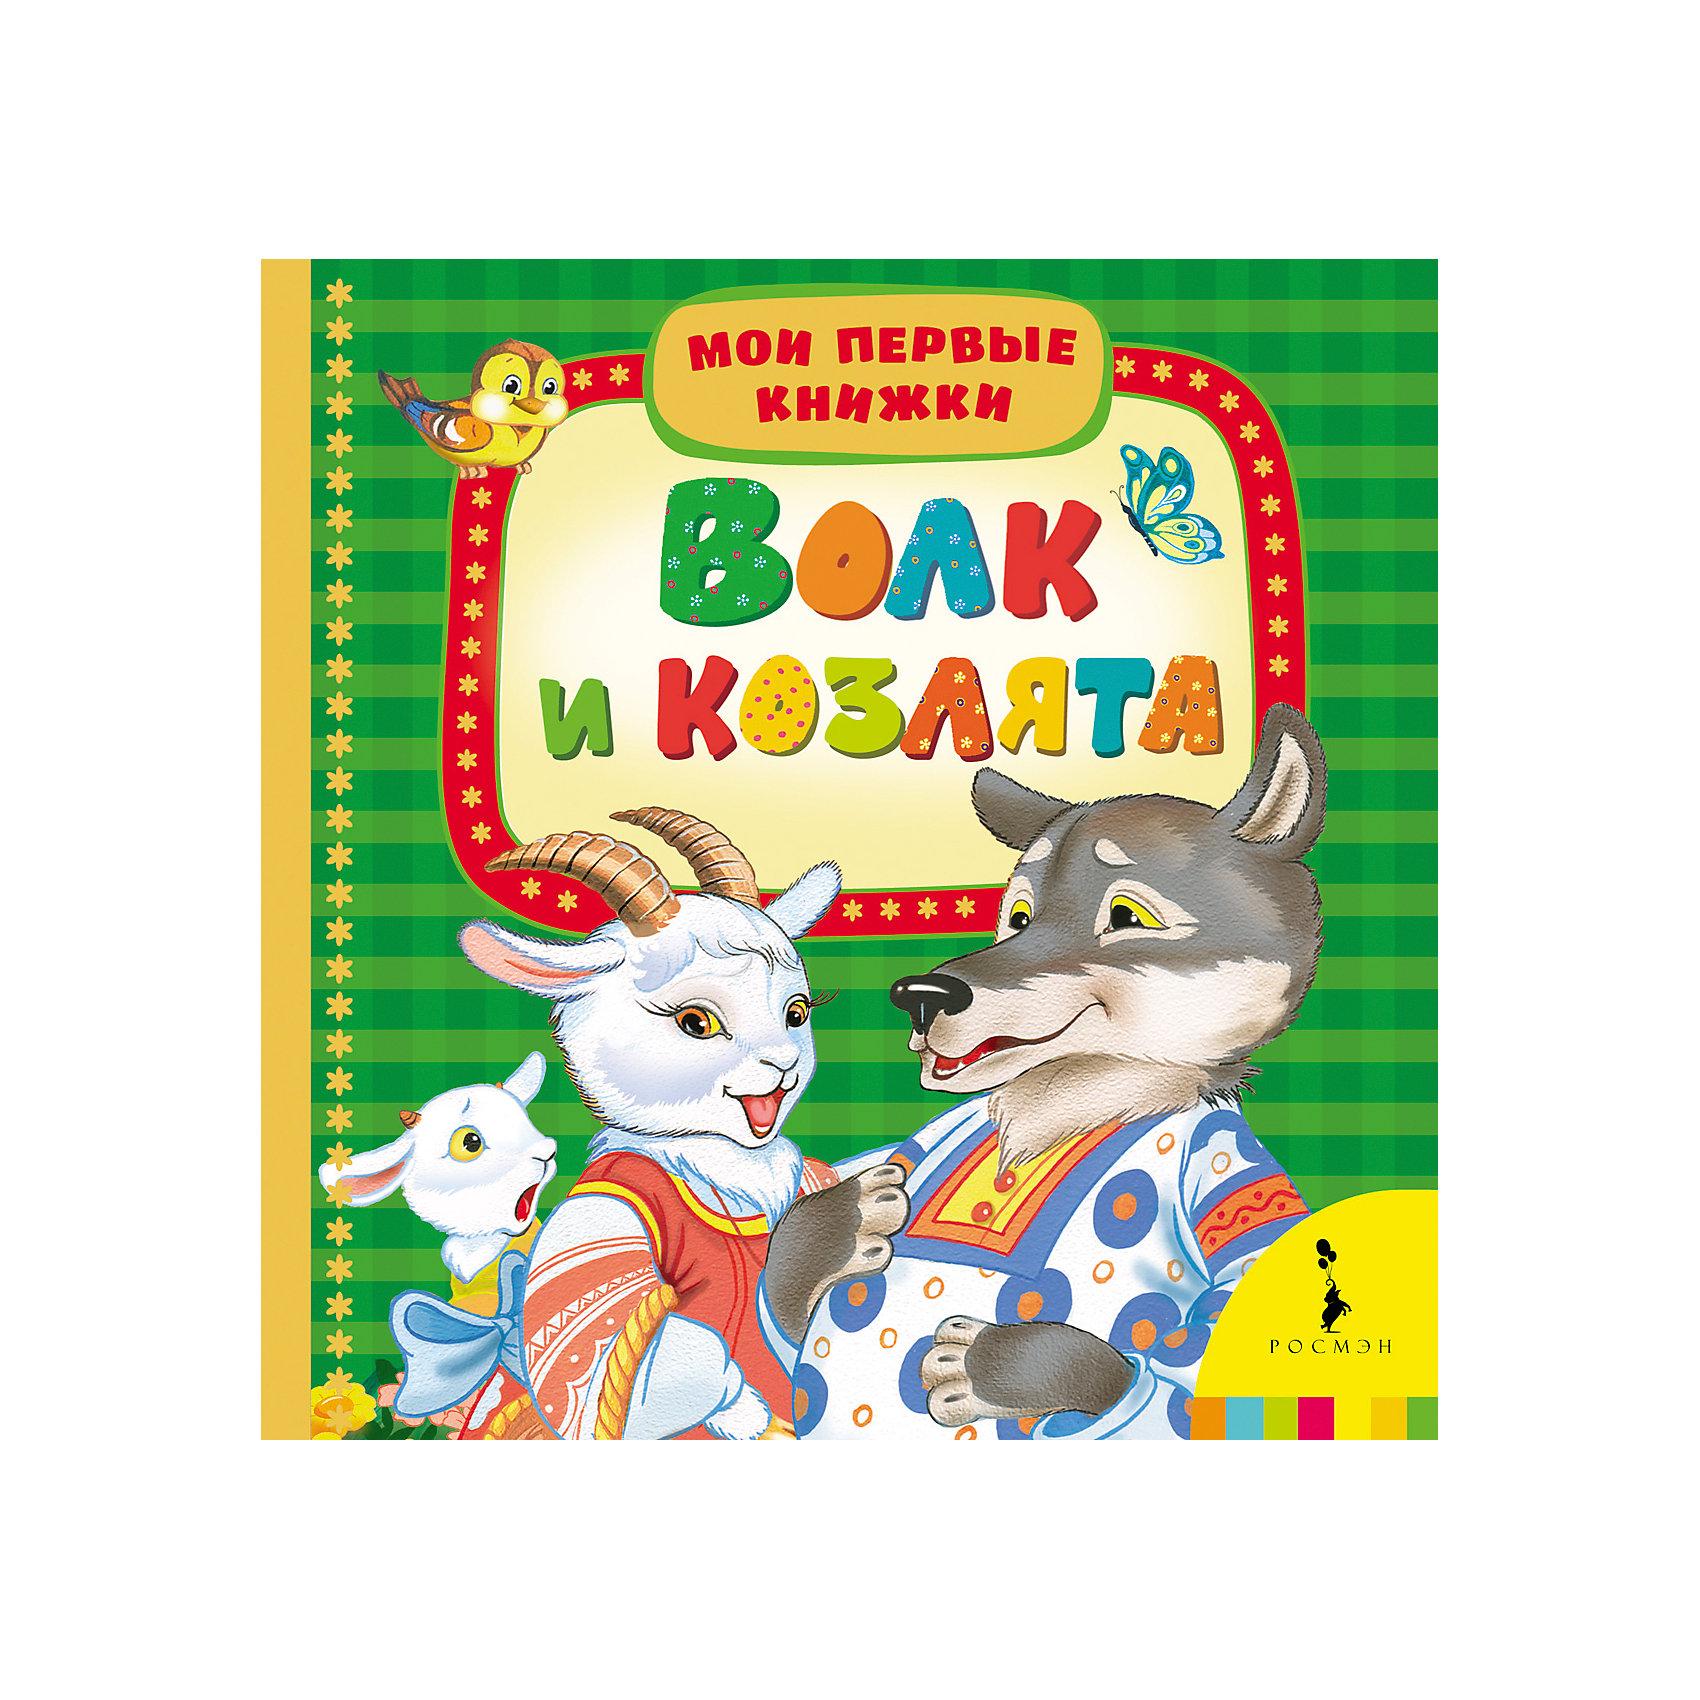 Волк и козлята, Мои первые книжкиХарактеристики товара:<br><br>- цвет: разноцветный;<br>- материал: картон;<br>- страниц: 14;<br>- формат: 17 х 17 см;<br>- обложка: картон;<br>- возраст: от 1 года. <br><br>Издания серии Мои первые книжки - отличный способ занять ребенка! Эта красочная книга станет отличным подарком для родителей и малыша. Она содержит в себе известные сказки, которые так любят дети. Отличный способ привить малышу любовь к чтению! Удобный формат и плотные странички позволят брать книгу с собой в поездки.<br>Чтение и рассматривание картинок даже в юном возрасте помогает ребенку развивать память, концентрацию внимания и воображение. Издание произведено из качественных материалов, которые безопасны даже для самых маленьких.<br><br>Издание Волк и козлята, Мои первые книжки от компании Росмэн можно купить в нашем интернет-магазине.<br><br>Ширина мм: 165<br>Глубина мм: 162<br>Высота мм: 20<br>Вес г: 347<br>Возраст от месяцев: 0<br>Возраст до месяцев: 36<br>Пол: Унисекс<br>Возраст: Детский<br>SKU: 5110279